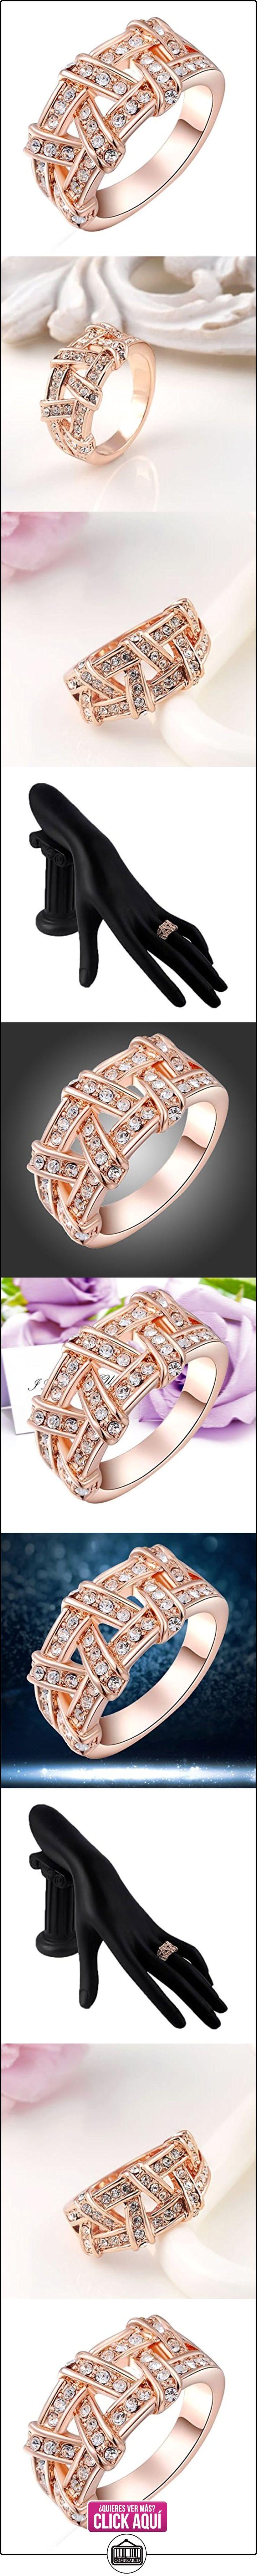 2015 Fashion Pretty con anillo de velcro de boda joyería Classic de mujer Fancy Lady Rose de los anillos trenzado dorado talla Q  ✿ Joyas para mujer - Las mejores ofertas ✿ ▬► Ver oferta: https://comprar.io/goto/B00N9X7AU8